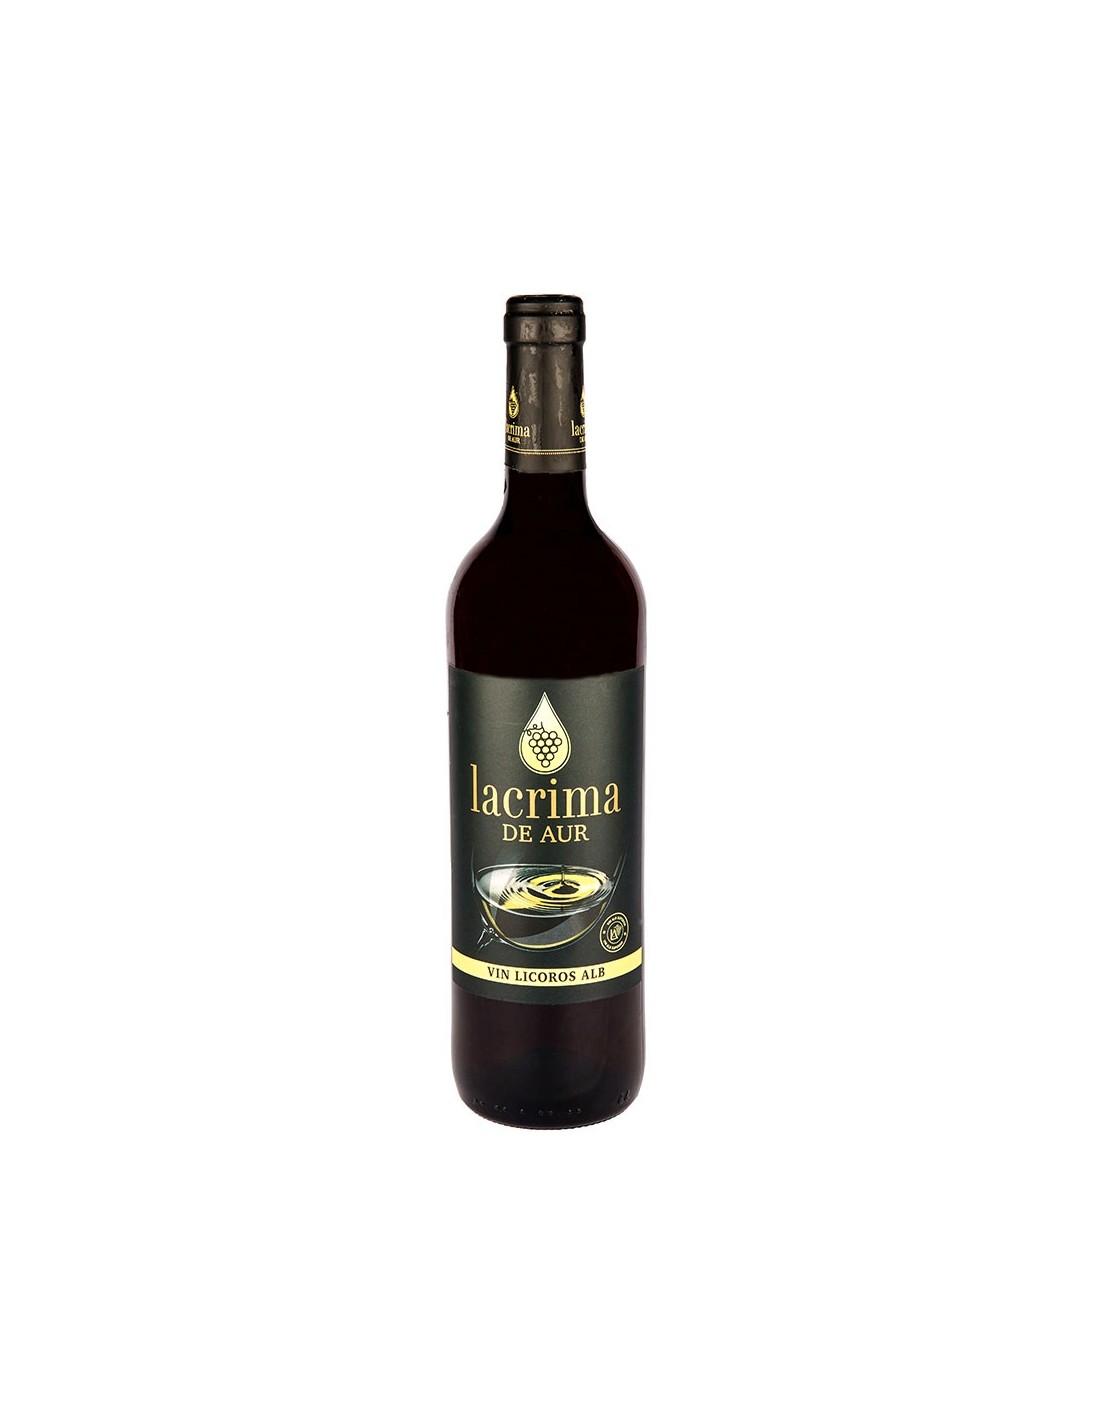 Vin licoros alb Lacrima de Aur, 15% alc., 0.75L, Romania